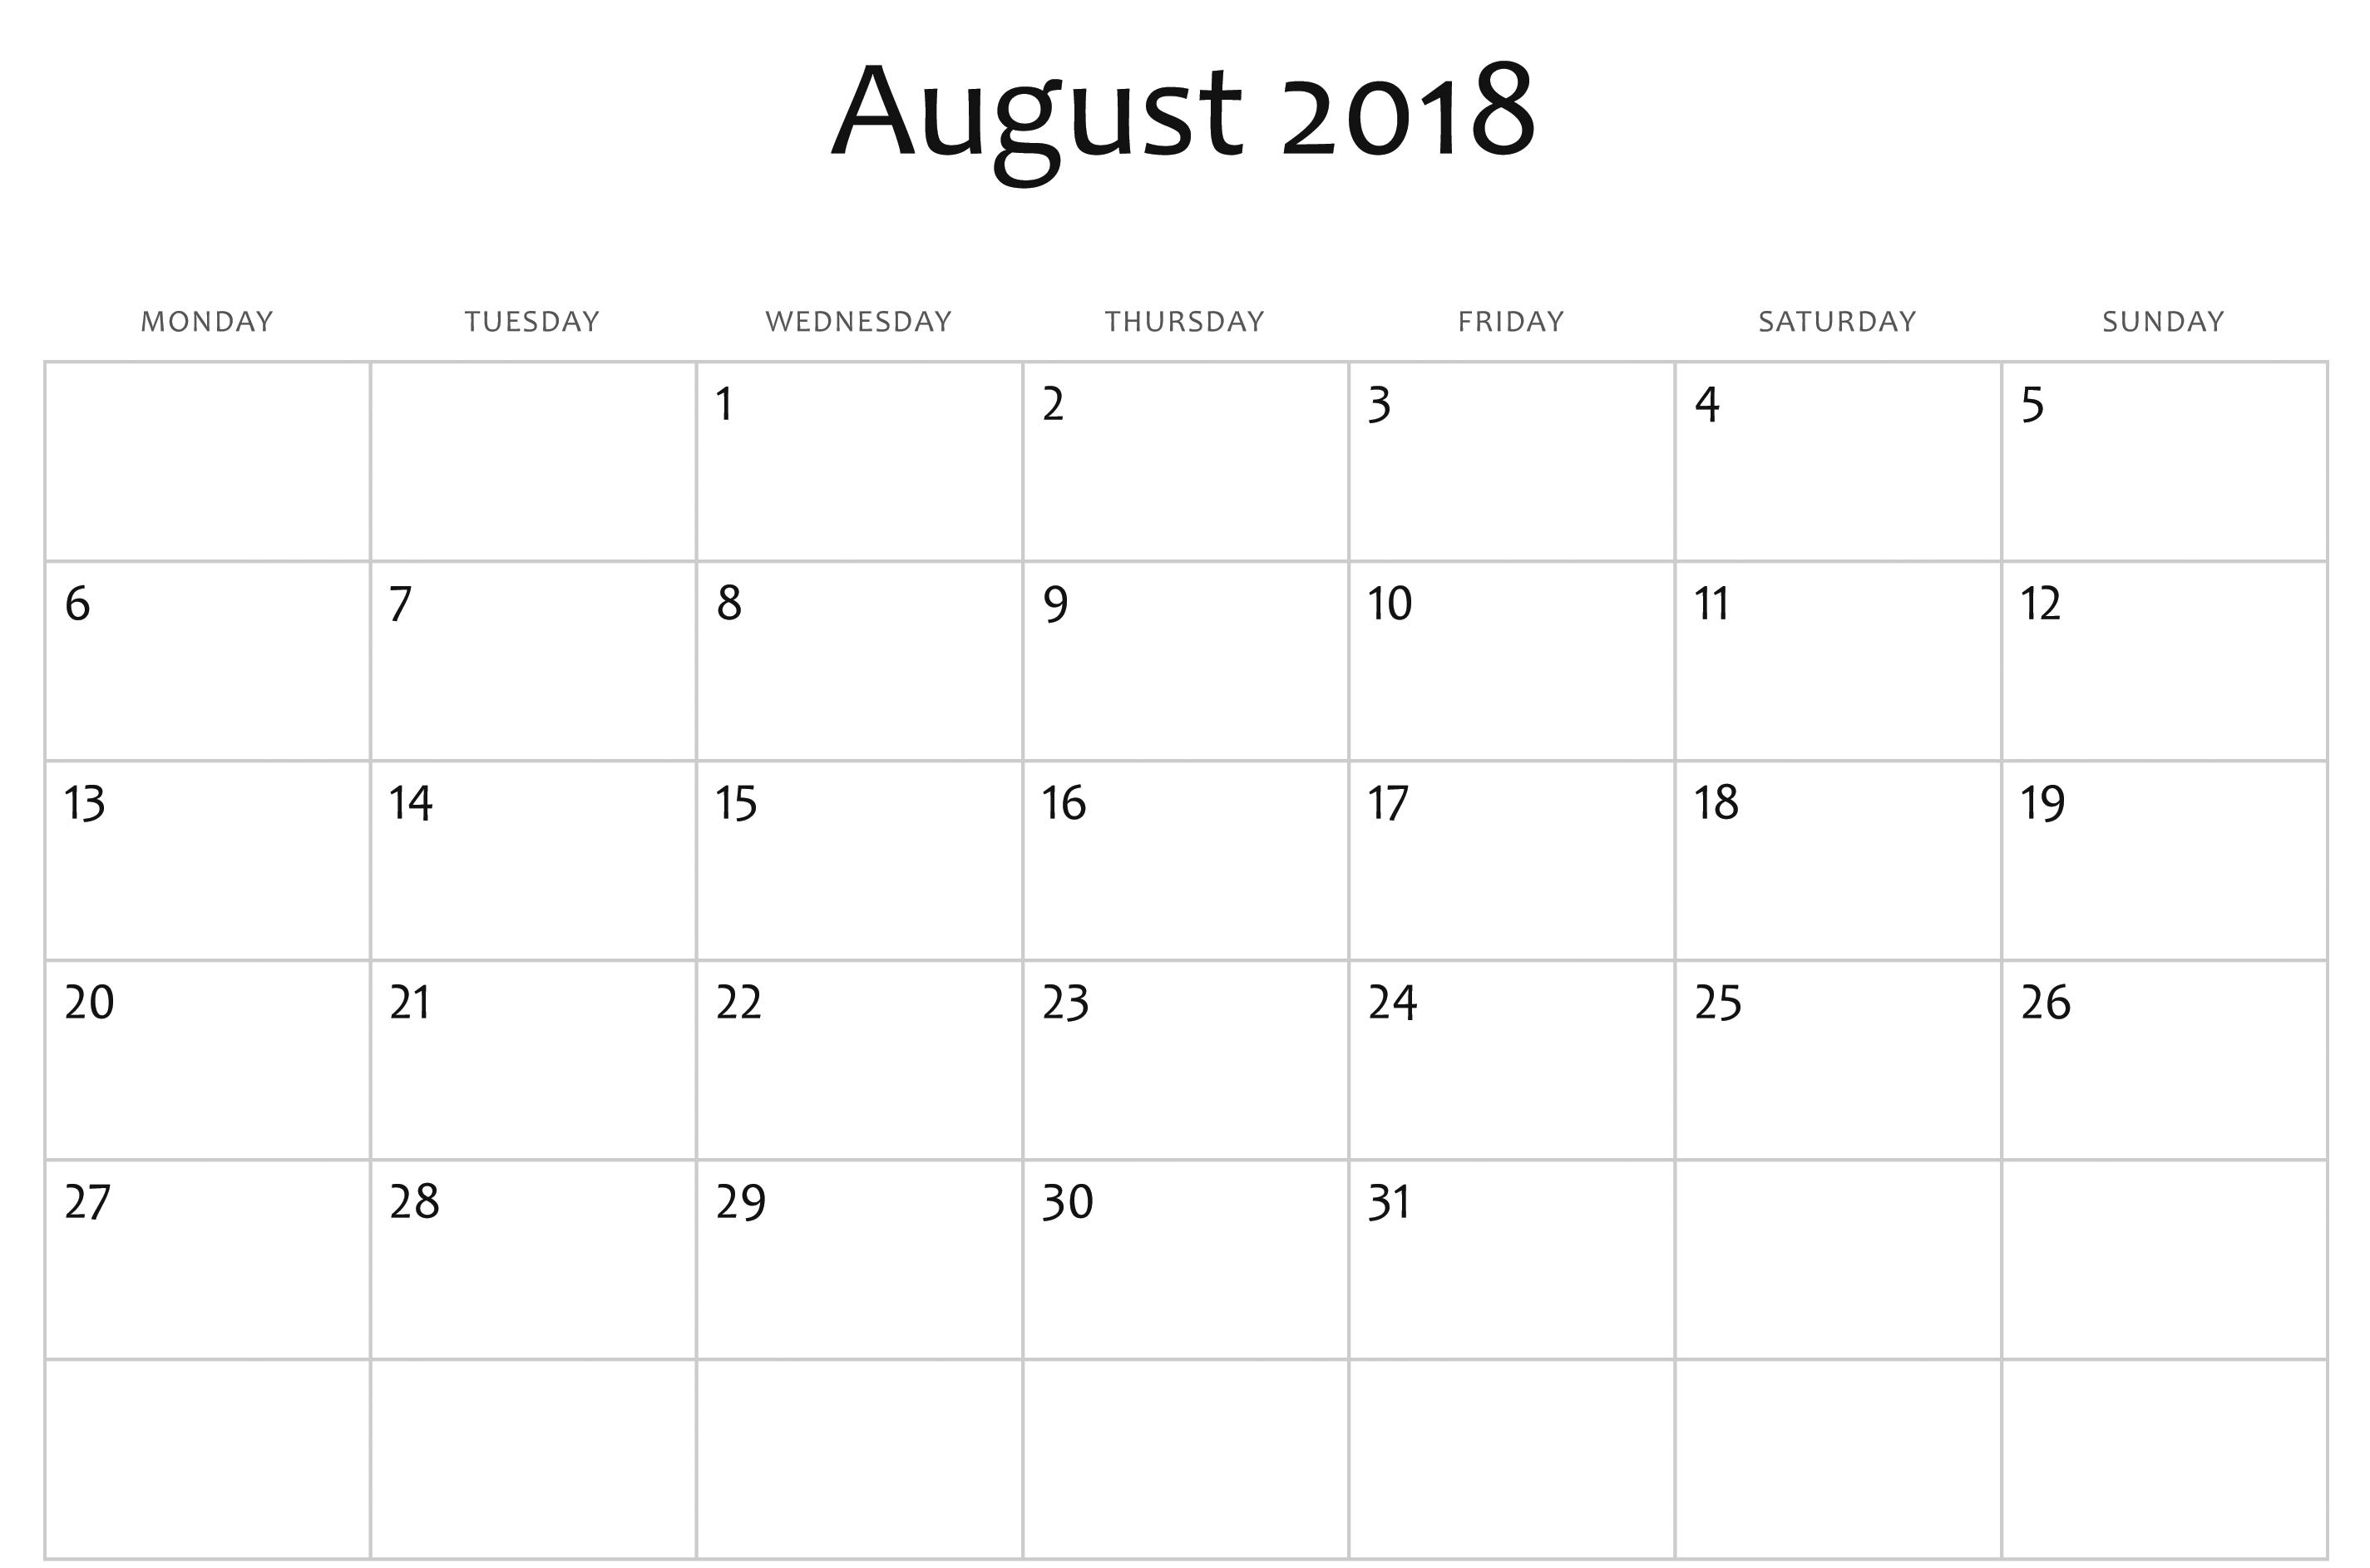 August 2018 Calendar New Zealand